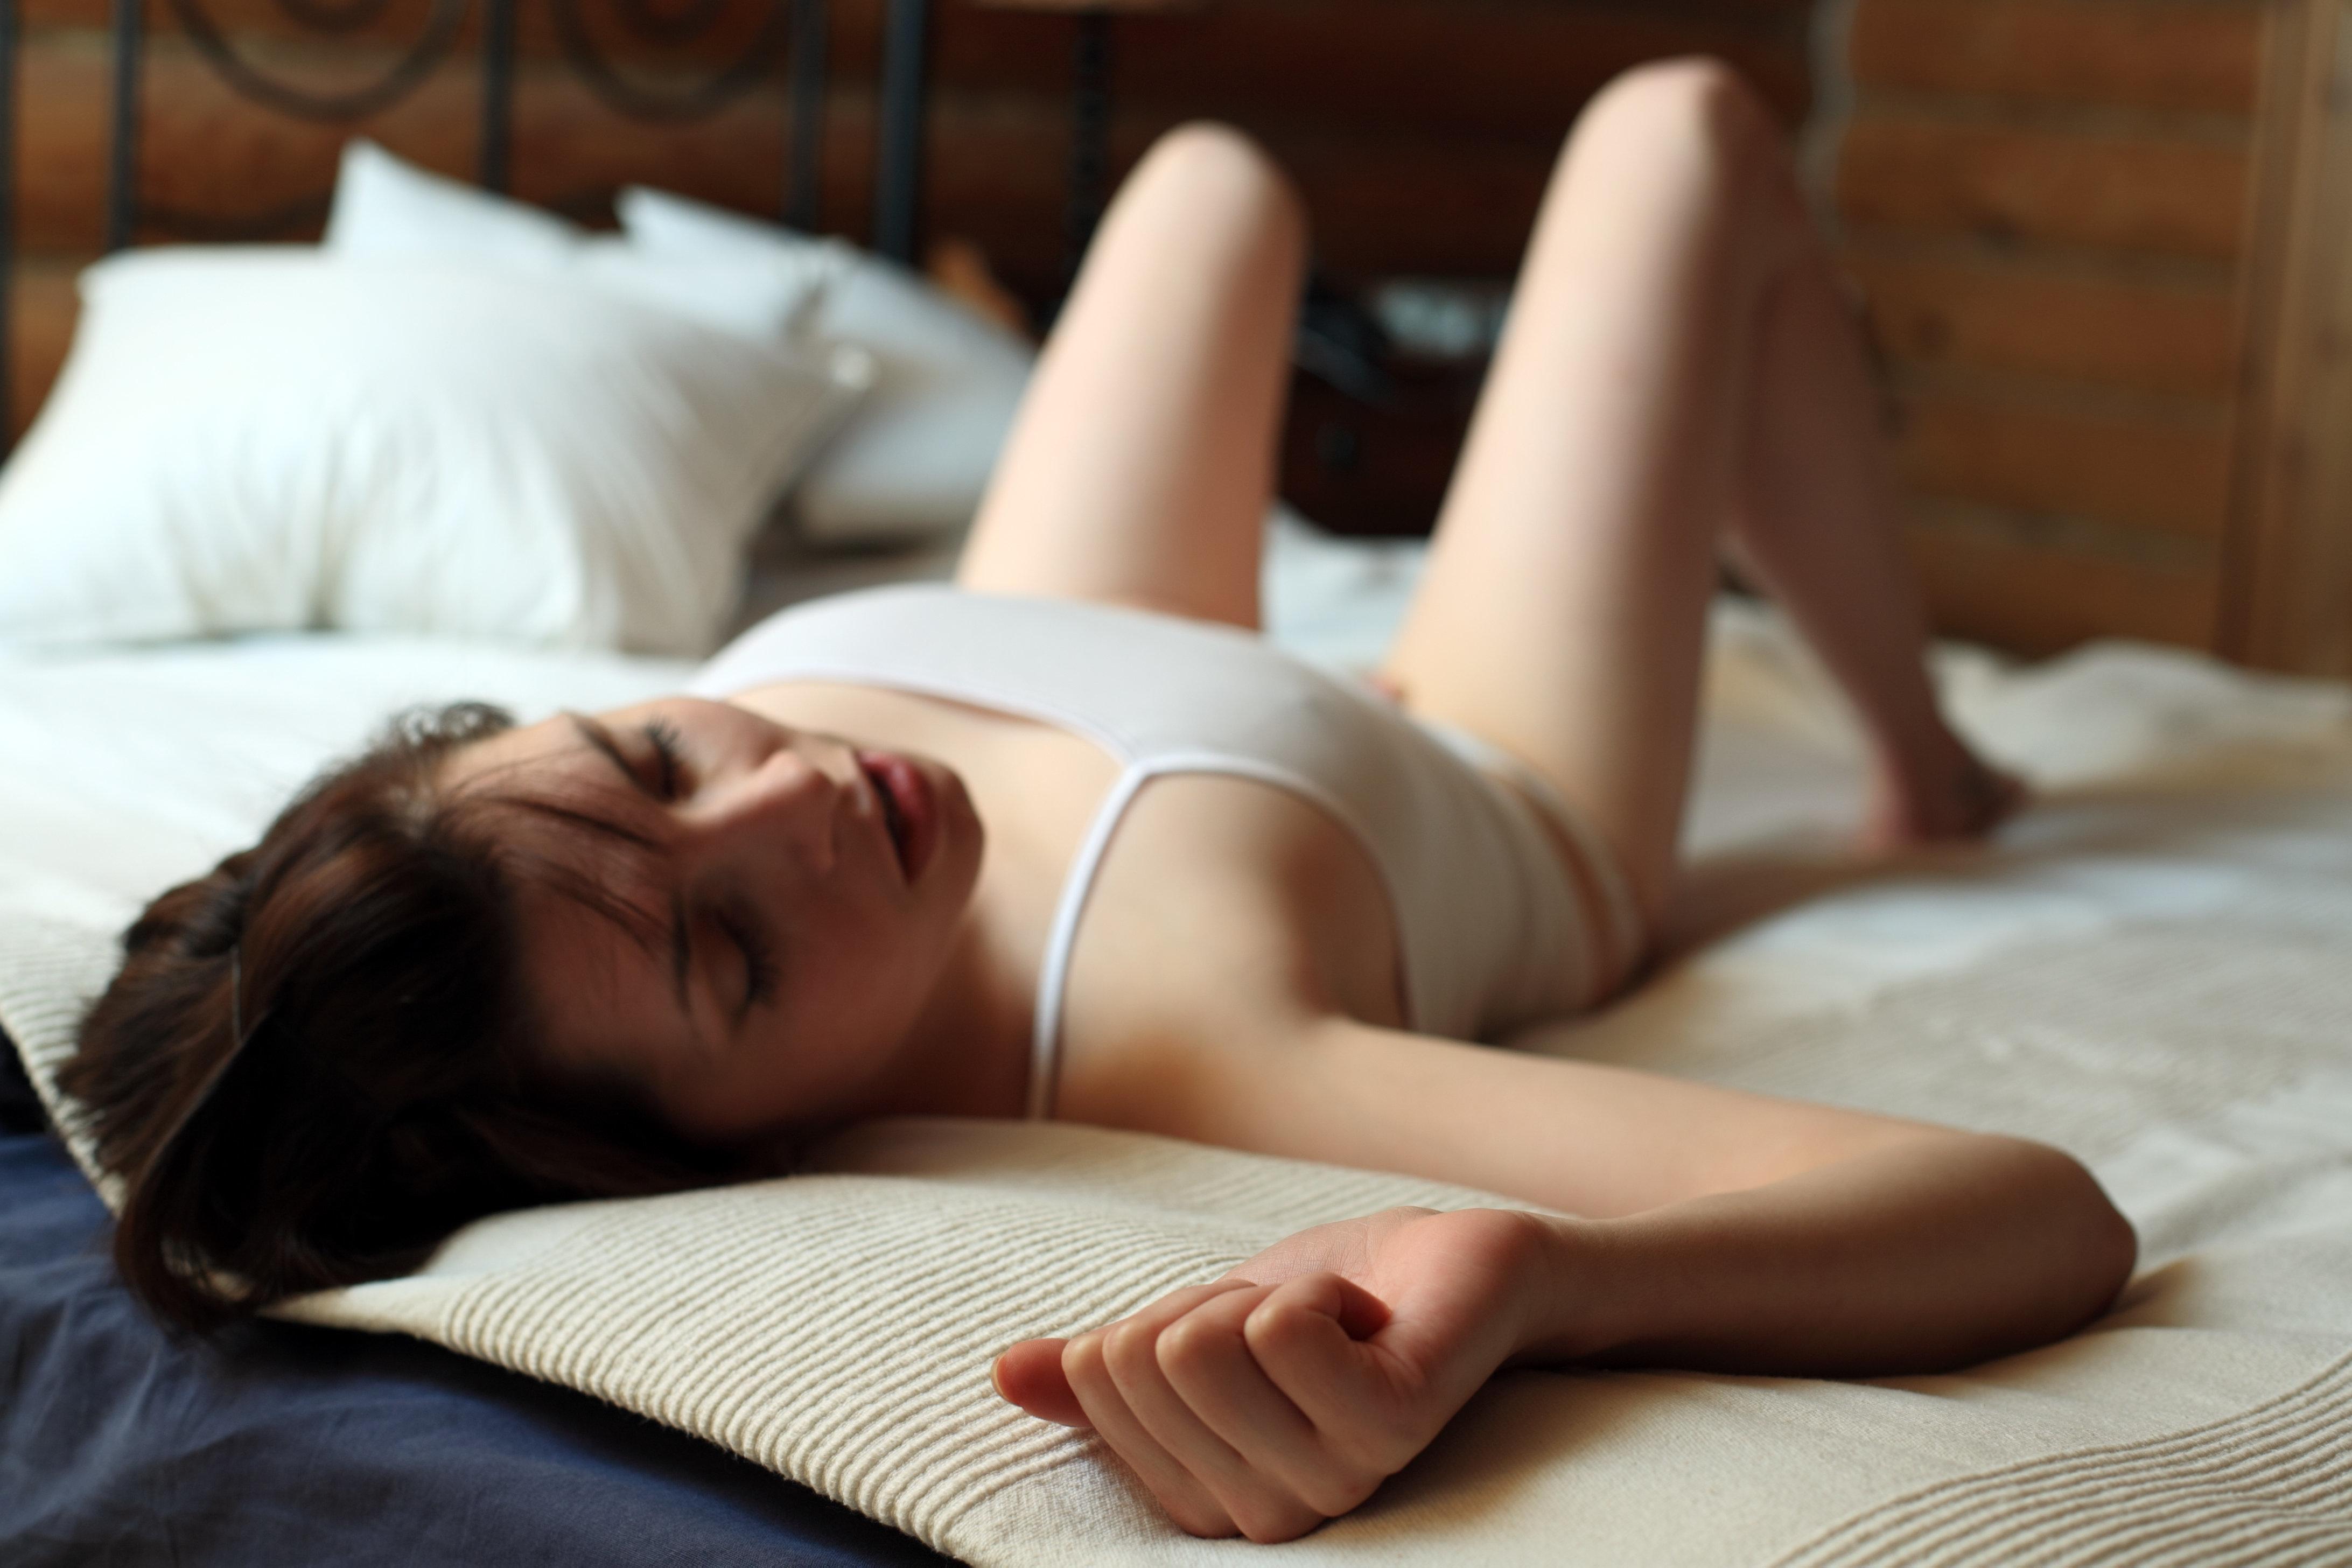 selbstbefriedigungsgeschichten frauen beim mastrubieren